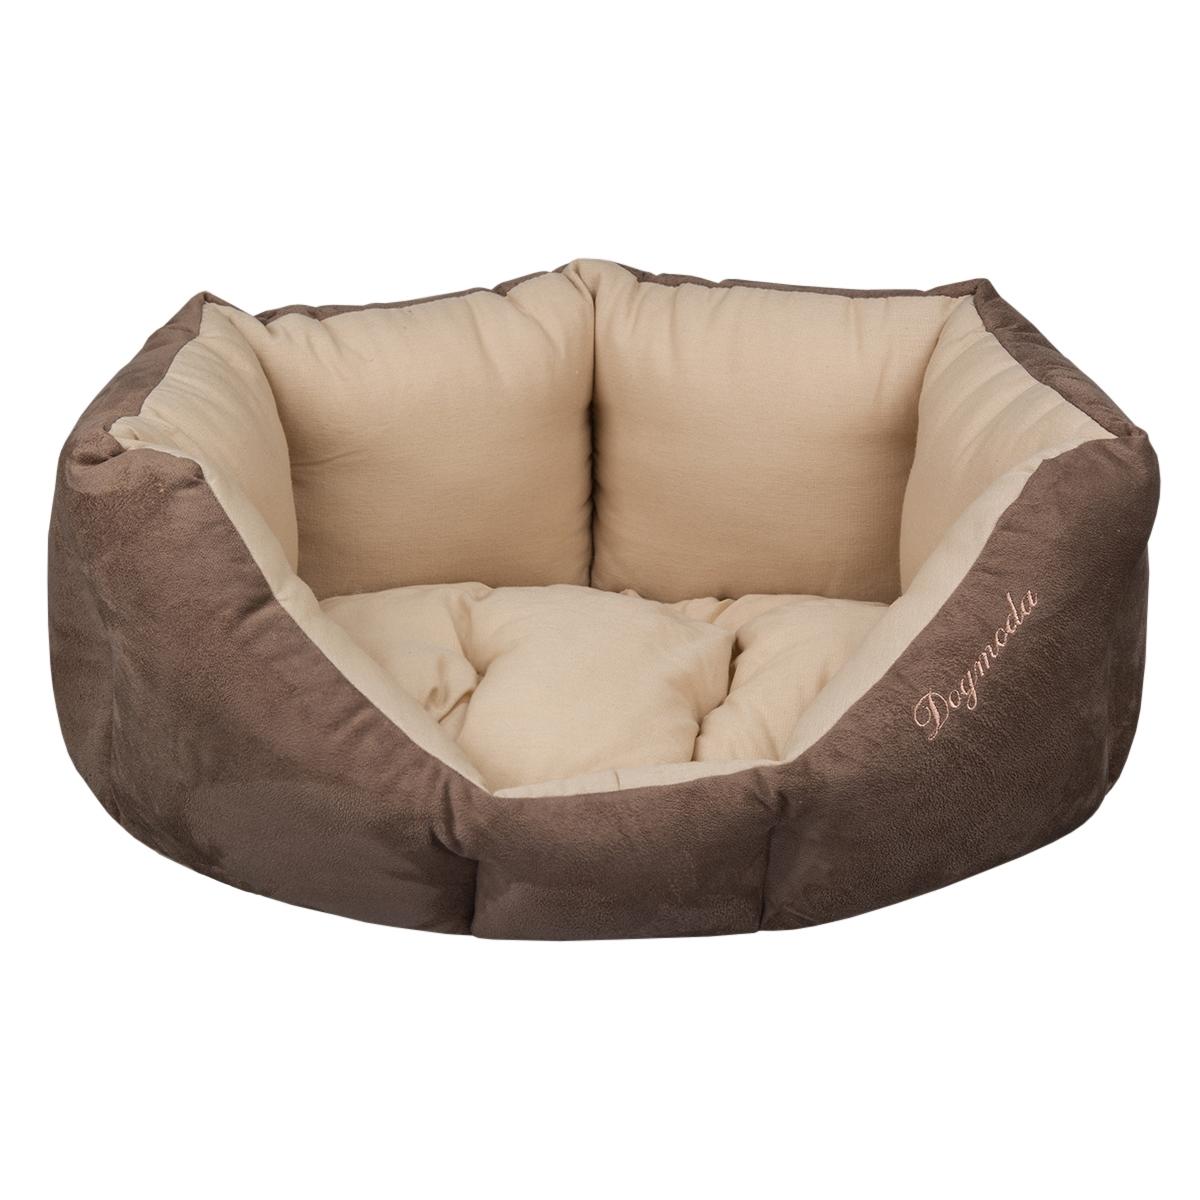 Лежак для животных Dogmoda Капучино, 44 х 52 х 22 см54866Лежак для животных Dogmoda Капучино прекрасно подойдетдля отдыха вашего домашнего питомца. Предназначен длякошек и собак мелких и средних пород. Изделие выполнено изискусственной замши и хлопка. Внутри - мягкий наполнительиз холлофайбера, который обеспечивает комфорт и уют. Лежакснабжен съемной подушкой.Комфортный и уютный лежак обязательно понравится вашемупитомцу, животное сможет там отдохнуть и выспаться.Высокий уровень комфорта, спокойный благородный цвет имягкость искусственной замши сделают этот лежак любимымместом отдыха вашего питомца.